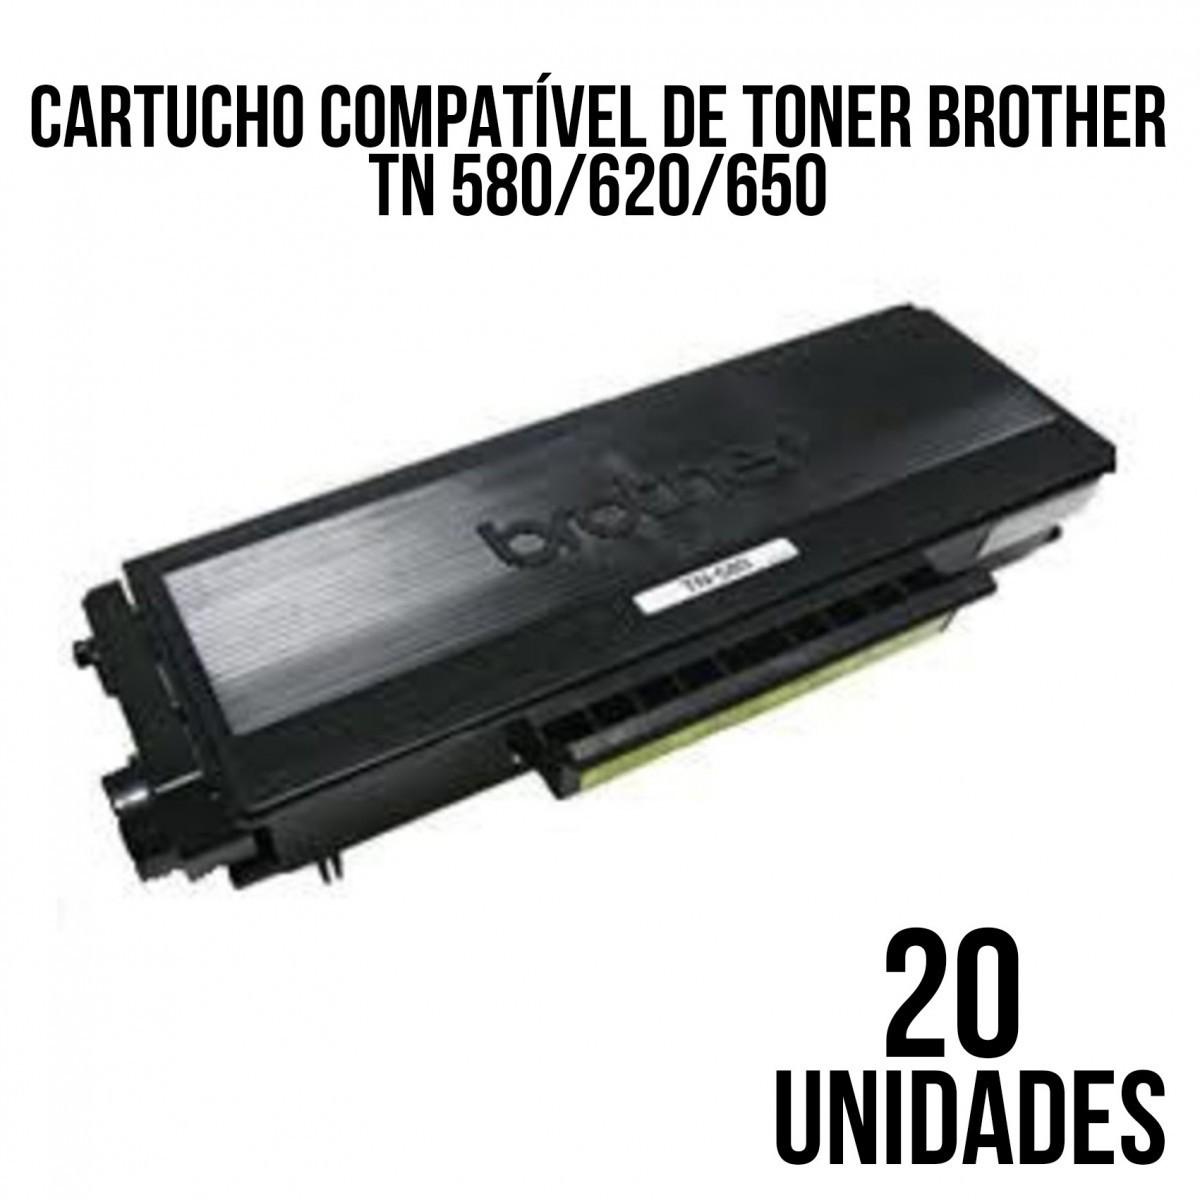 TONER BROTHER 580-620-650 COM 20 UNID COMPATÍVEL